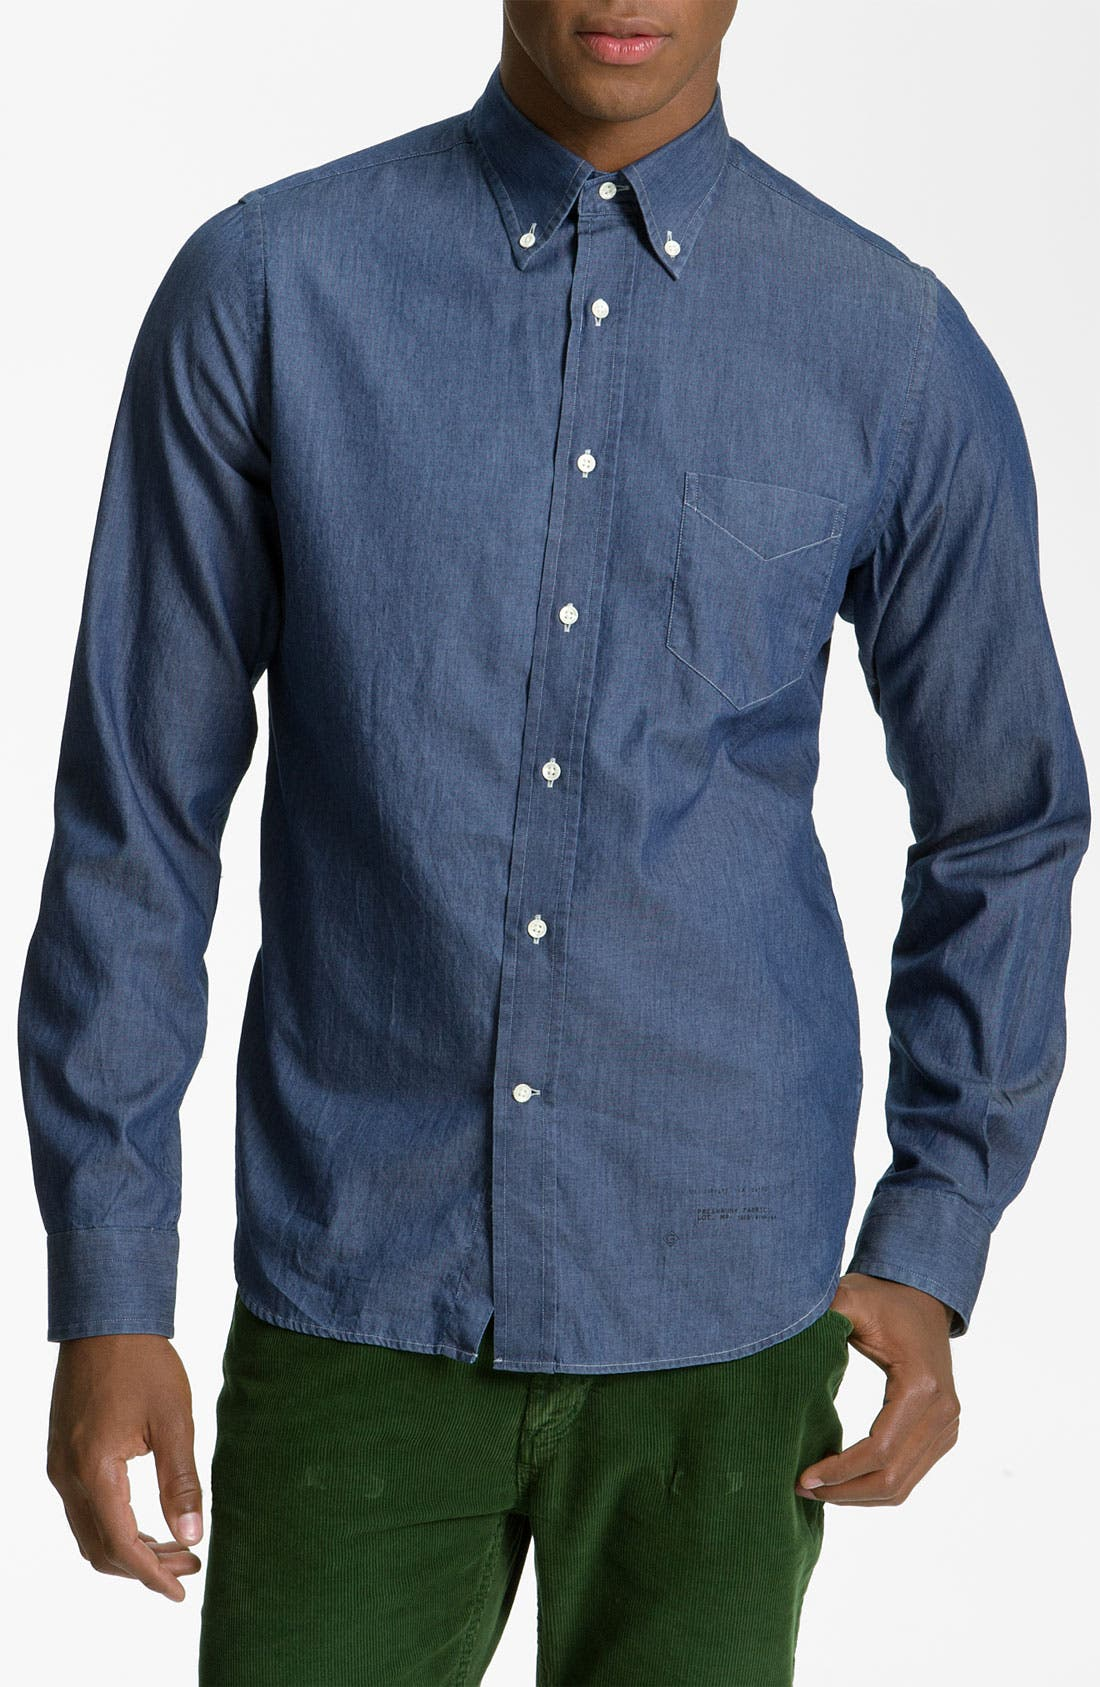 Alternate Image 1 Selected - Gant Rugger 'Luxury' Woven Shirt